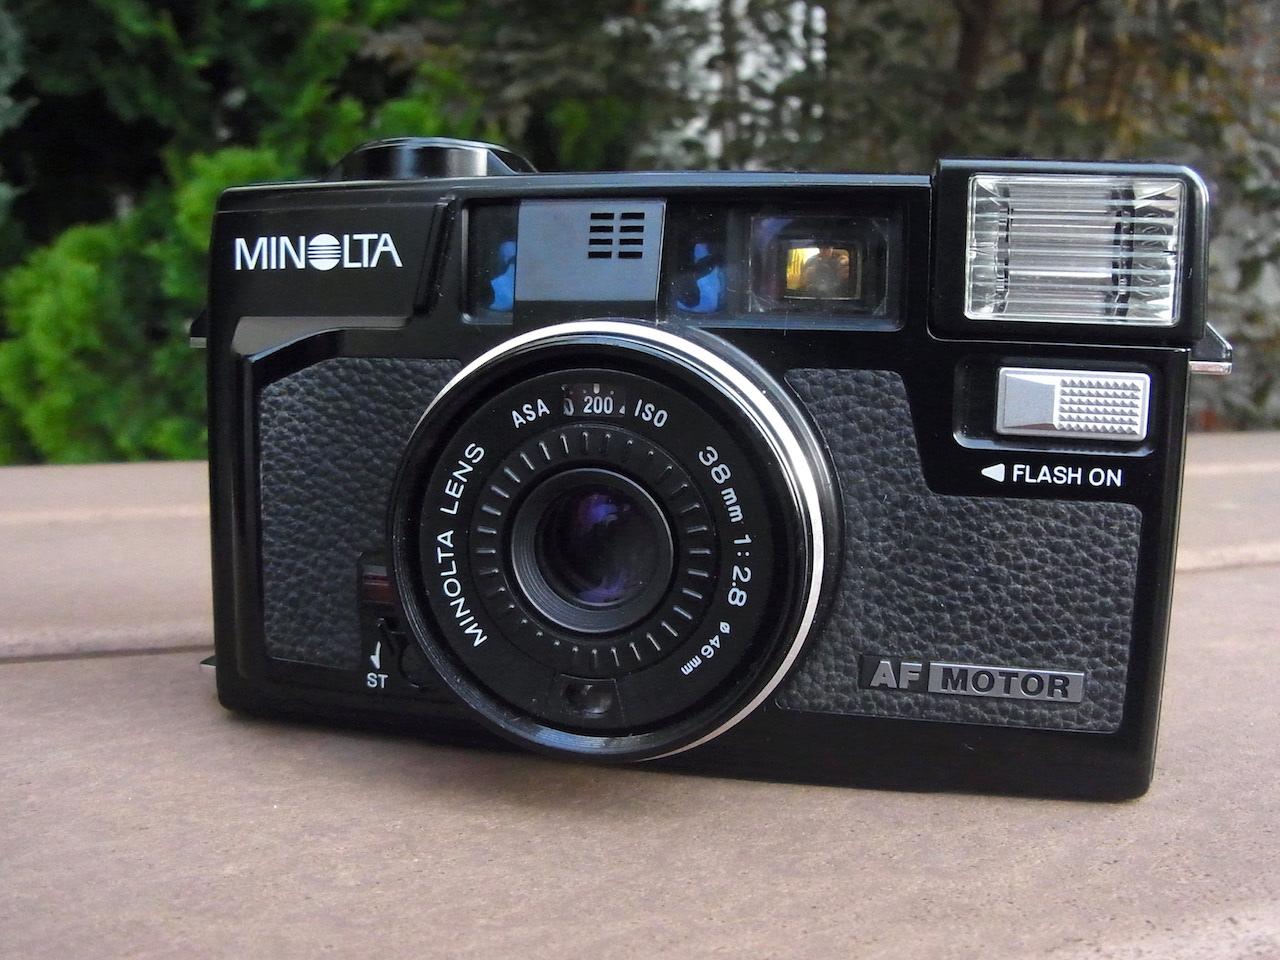 Minolta Hi-Matic AF2MD